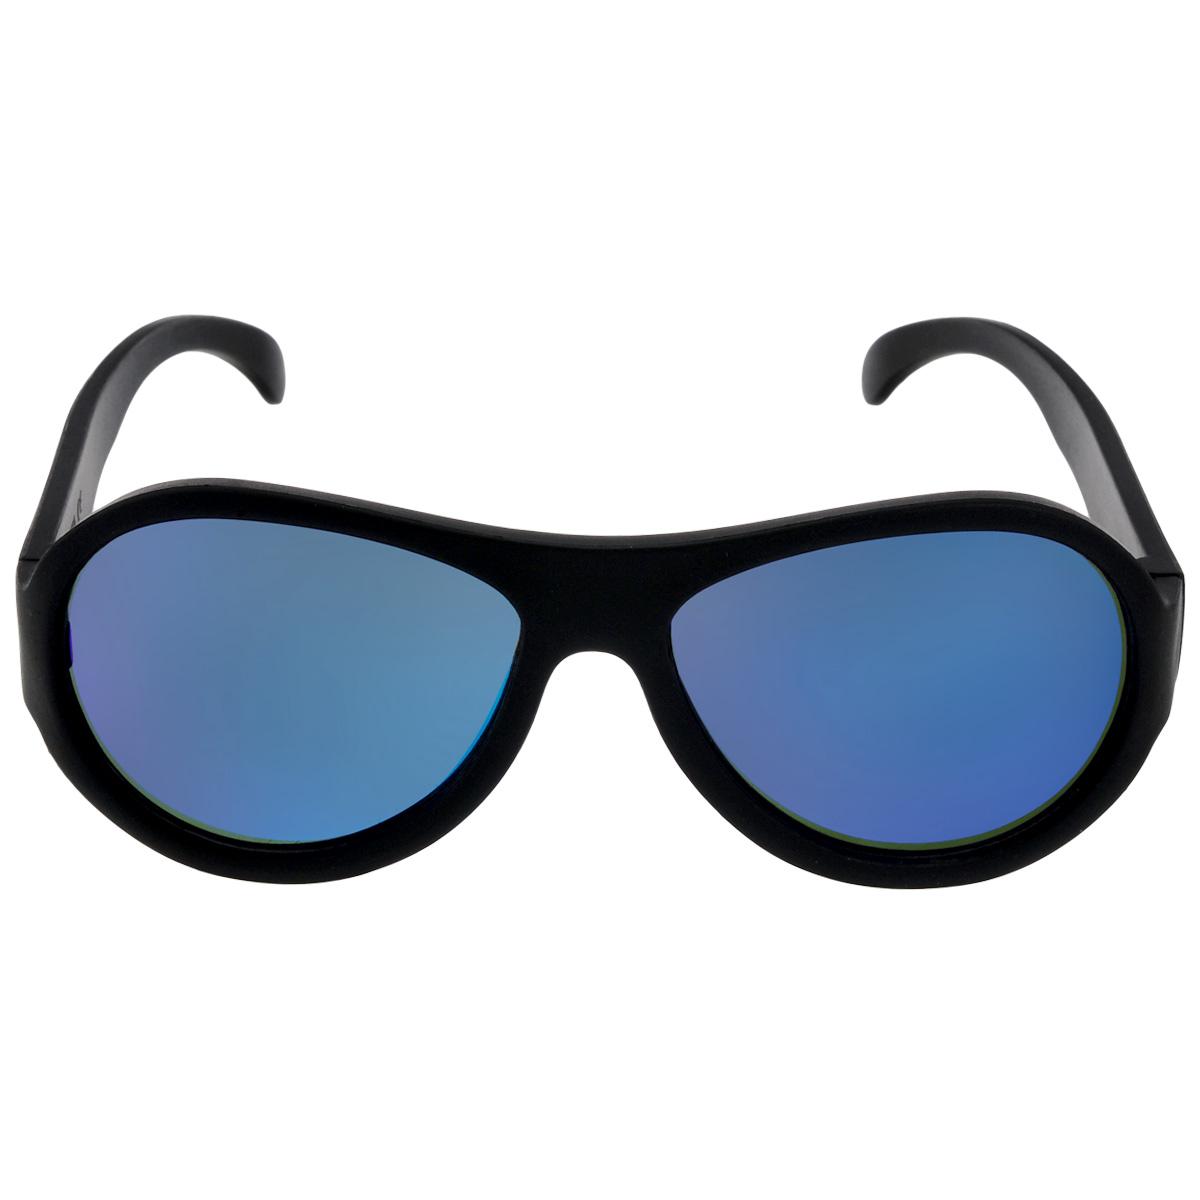 Детские солнцезащитные очки Babiators Спецназ (Black Ops), cиние линзы, цвет: черный, 7-14 летACE-002Каждый ребёнок - это Ас! Будь классным. Будь собой. Будь асом. Для Babiators каждый подросток - это Ас. Поэтому они создали очки Aces для всех детей в возрасте от 7-14 такими, чтобы те могли выразить свой крутой стиль всюду, куда бы ни пошли. Вы делаете все возможное, чтобы ваши дети были здоровы и в безопасности. Шлемы для езды на велосипеде, солнцезащитный крем для прогулок на солнце... Но как насчёт влияния солнца на глазах вашего ребёнка? Правда в том, что сетчатка глаза у детей развивается вместе с самим ребёнком. Это означает, что глаза малышей не могут отфильтровать УФ-излучение. Проблема понятна - детям нужна настоящая защита, чтобы глазки были в безопасности, а зрение сильным. Каждая пара солнцезащитных очков Babiators для детей обеспечивает 100% защиту от UVA и UVB. Прочные линзы высшего качества не подведут в самых сложных переделках. В отличие от обычных пластиковых очков, оправа Babiators выполнена из гибкого прорезиненного материала, что делает их...